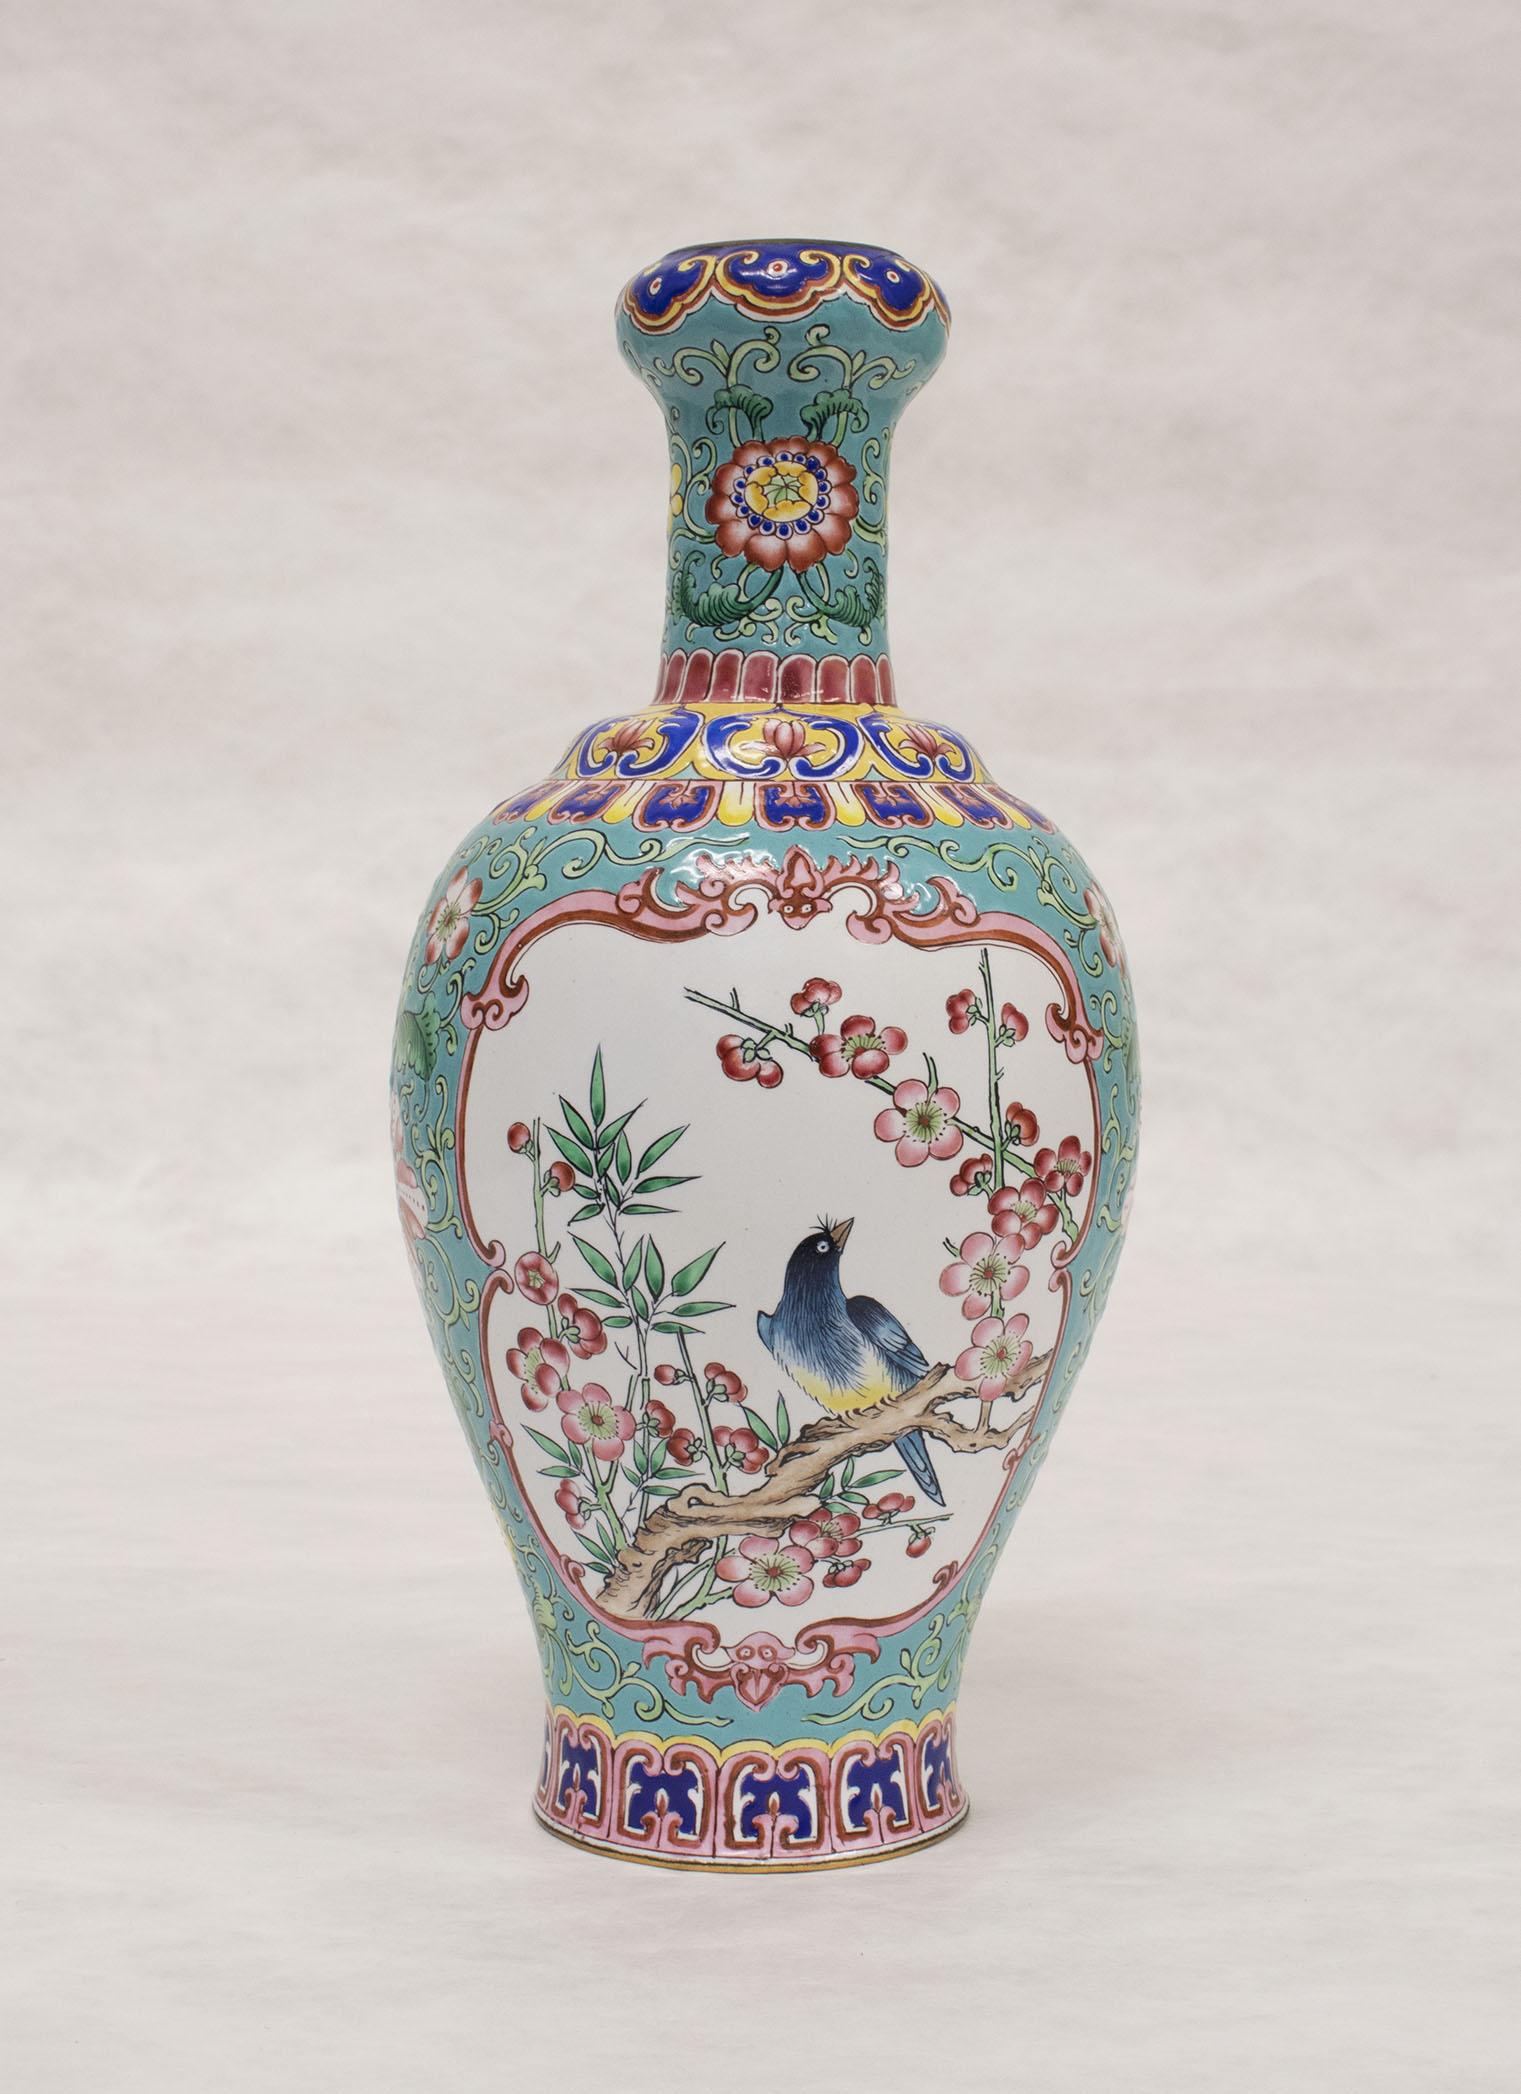 Ch'ing Dynasty Peking Enamel Vase, 19th century – Wang Fang-yu Collection of Asian Art